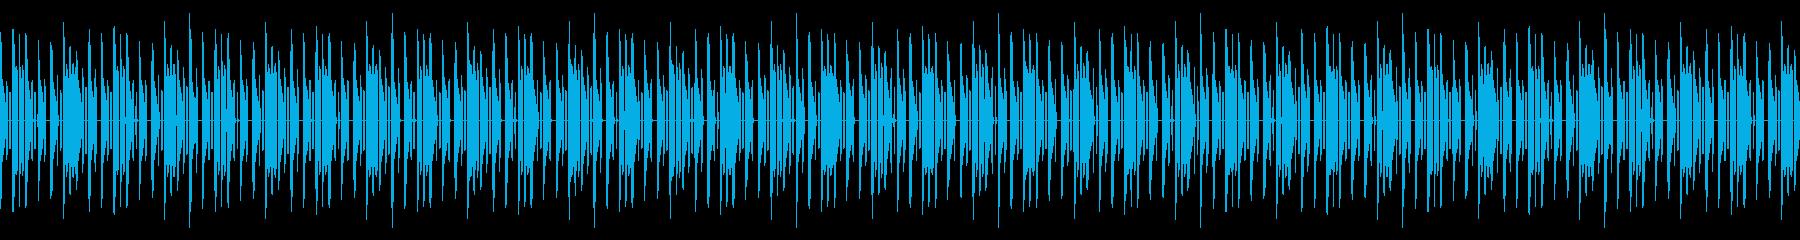 GB風パズル・カードゲームのED曲の再生済みの波形